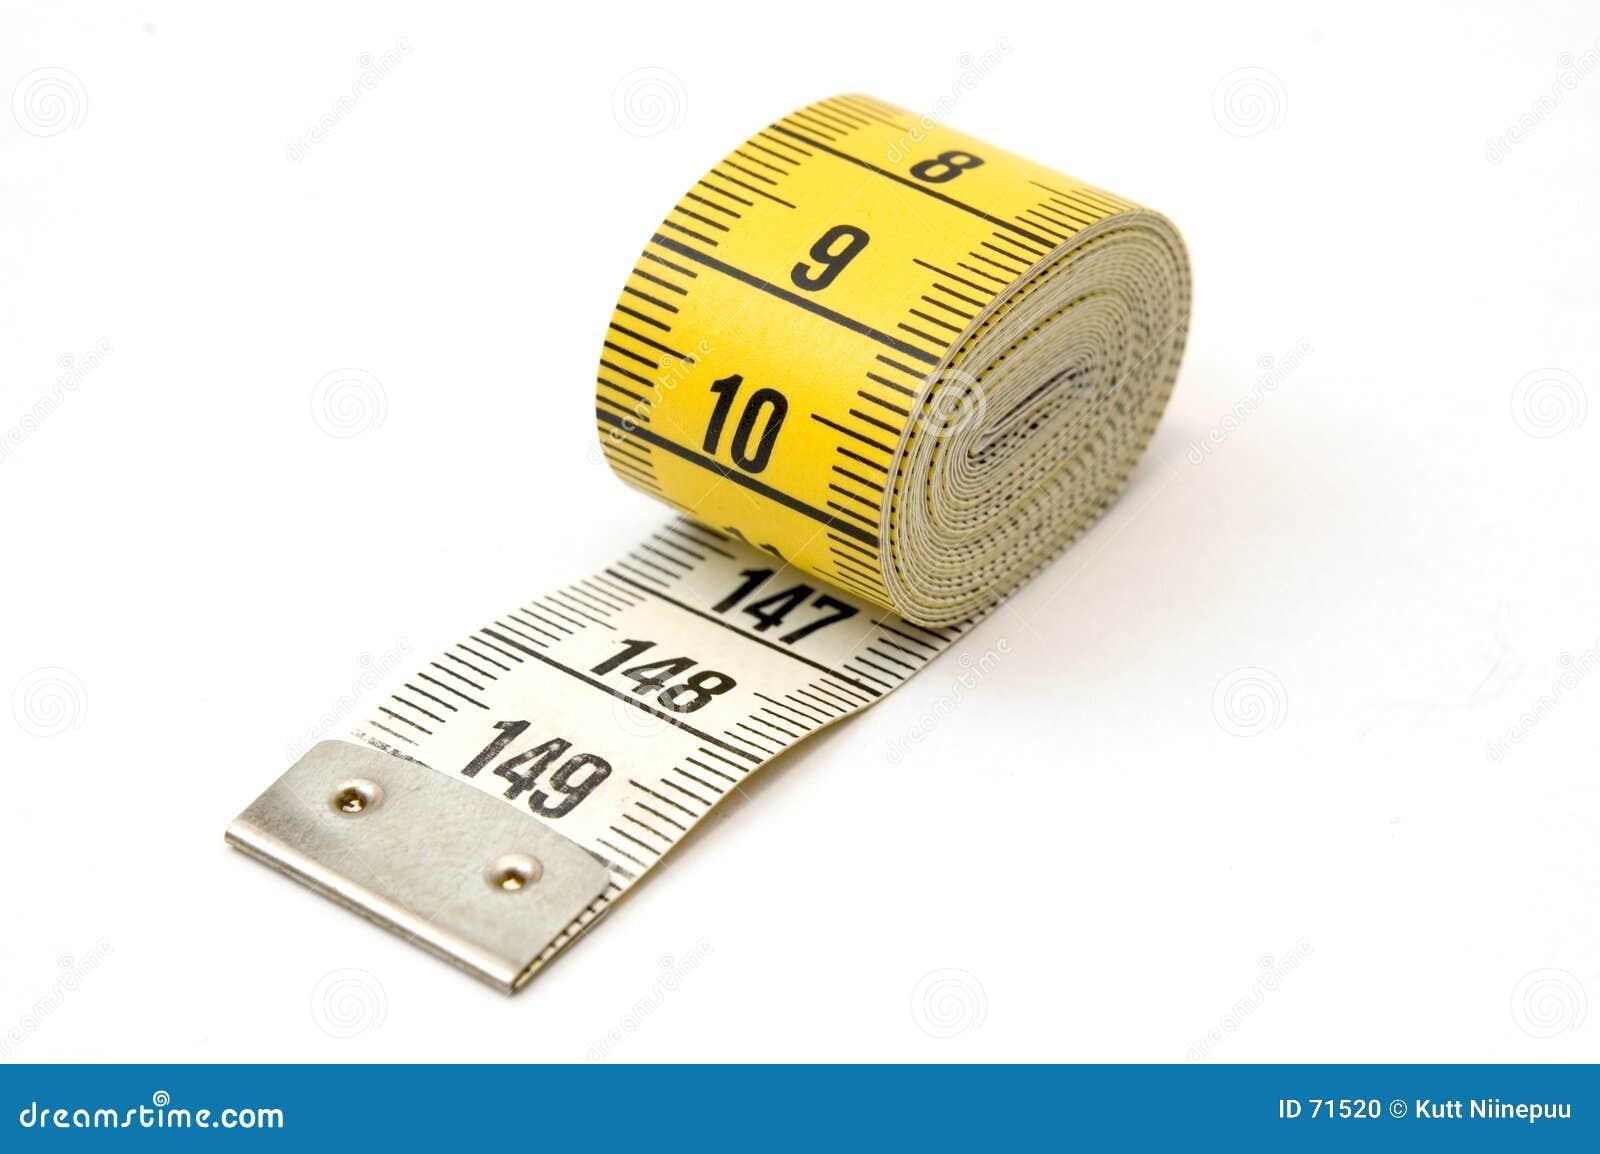 Cinta de medición